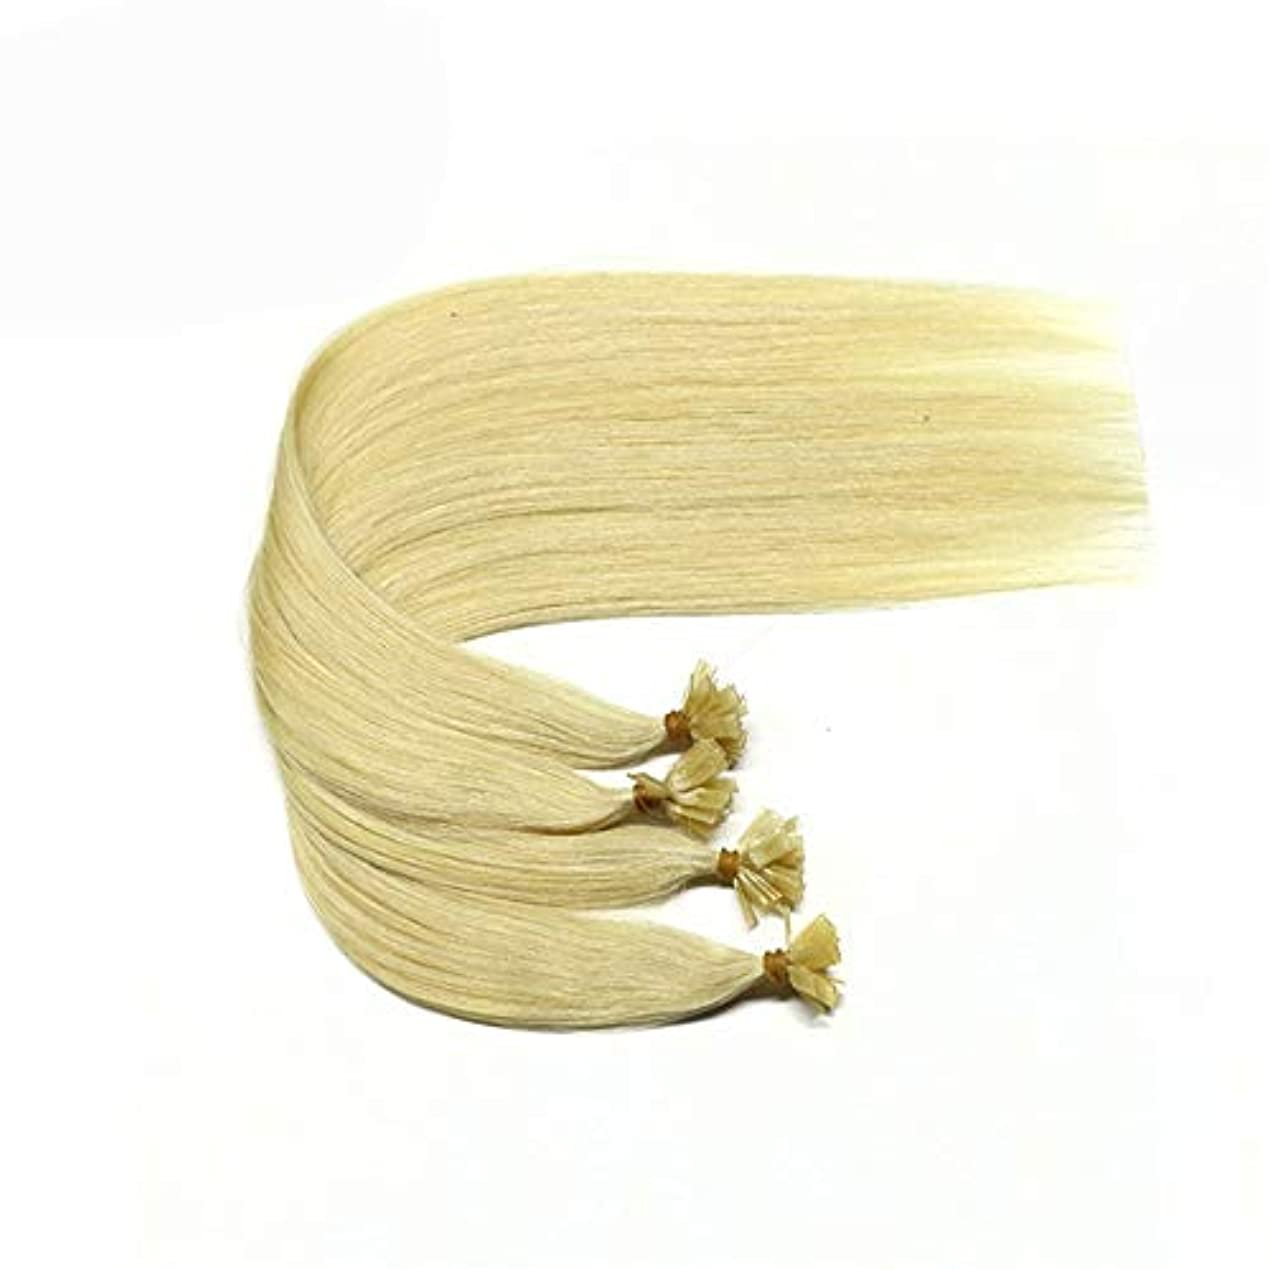 ゲートウェイ愚か親愛なJULYTER 事前結束人間の毛髪延長ブロンドグロス#613マイクロナノリングヘアエクステンション用女性 (色 : Blonde, サイズ : 26 inch)